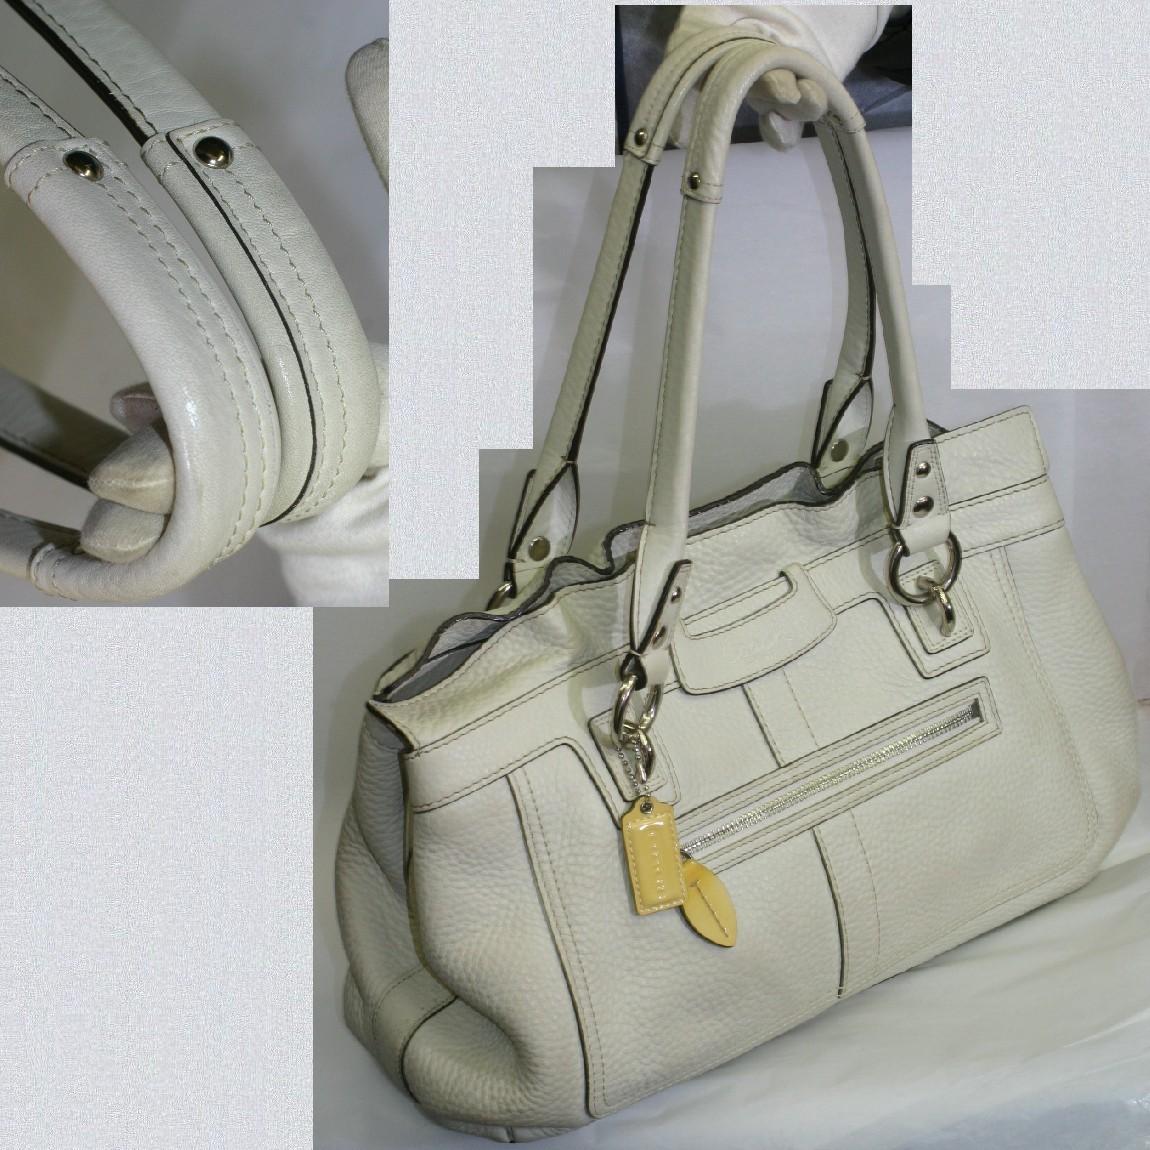 【中古】本物美品コーチ女性用白いボコボコした革素材ペネロピレザートートバッグ13160 サイズW36H24D10,5cm